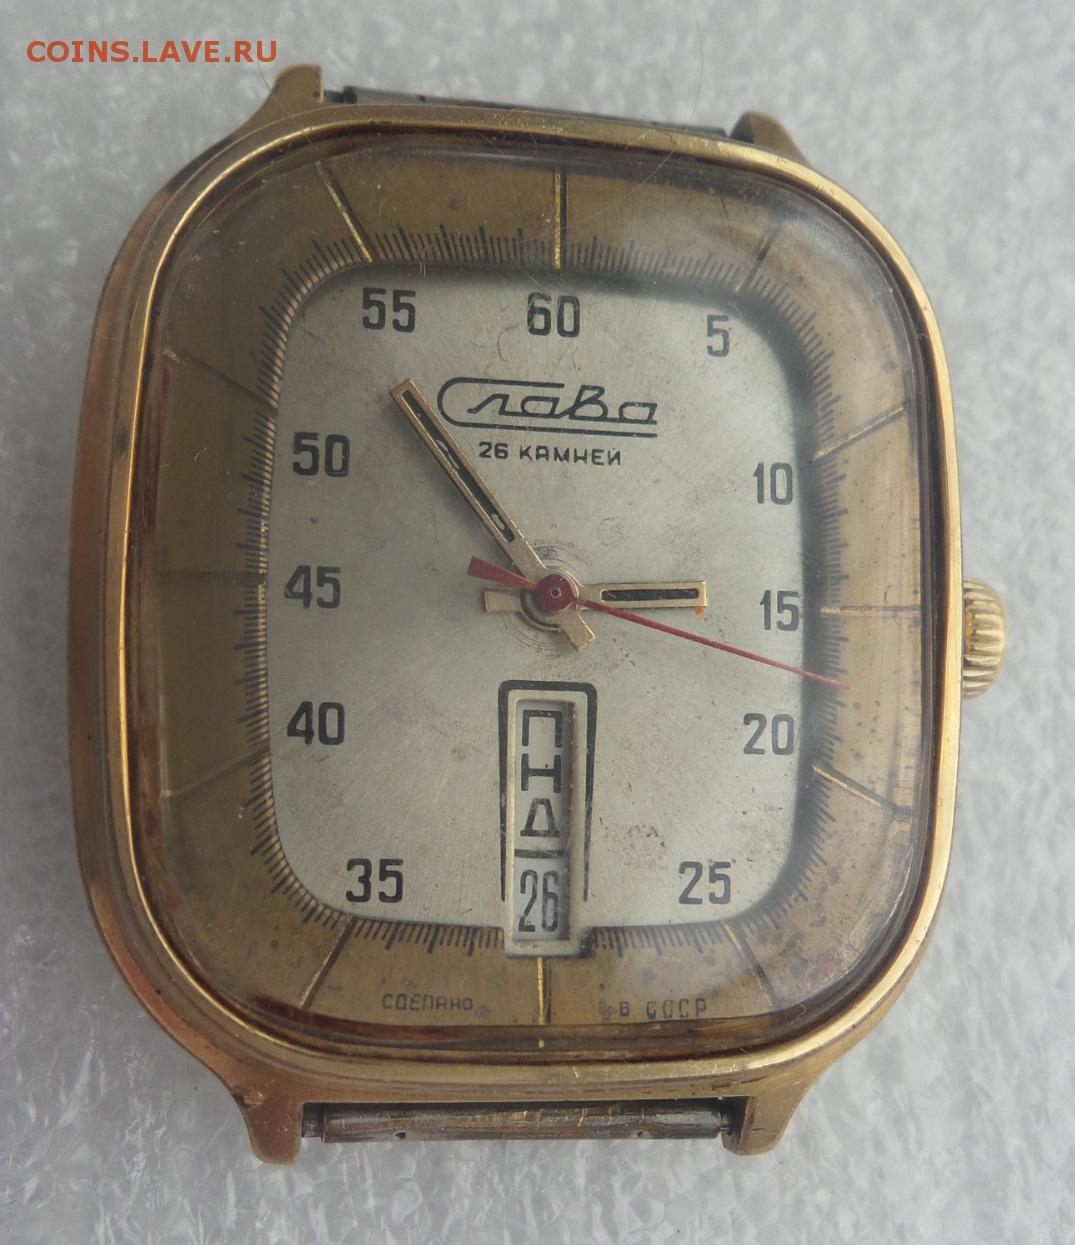 Слава ссср часы продать камней 26 24 ломбард техники часа москва